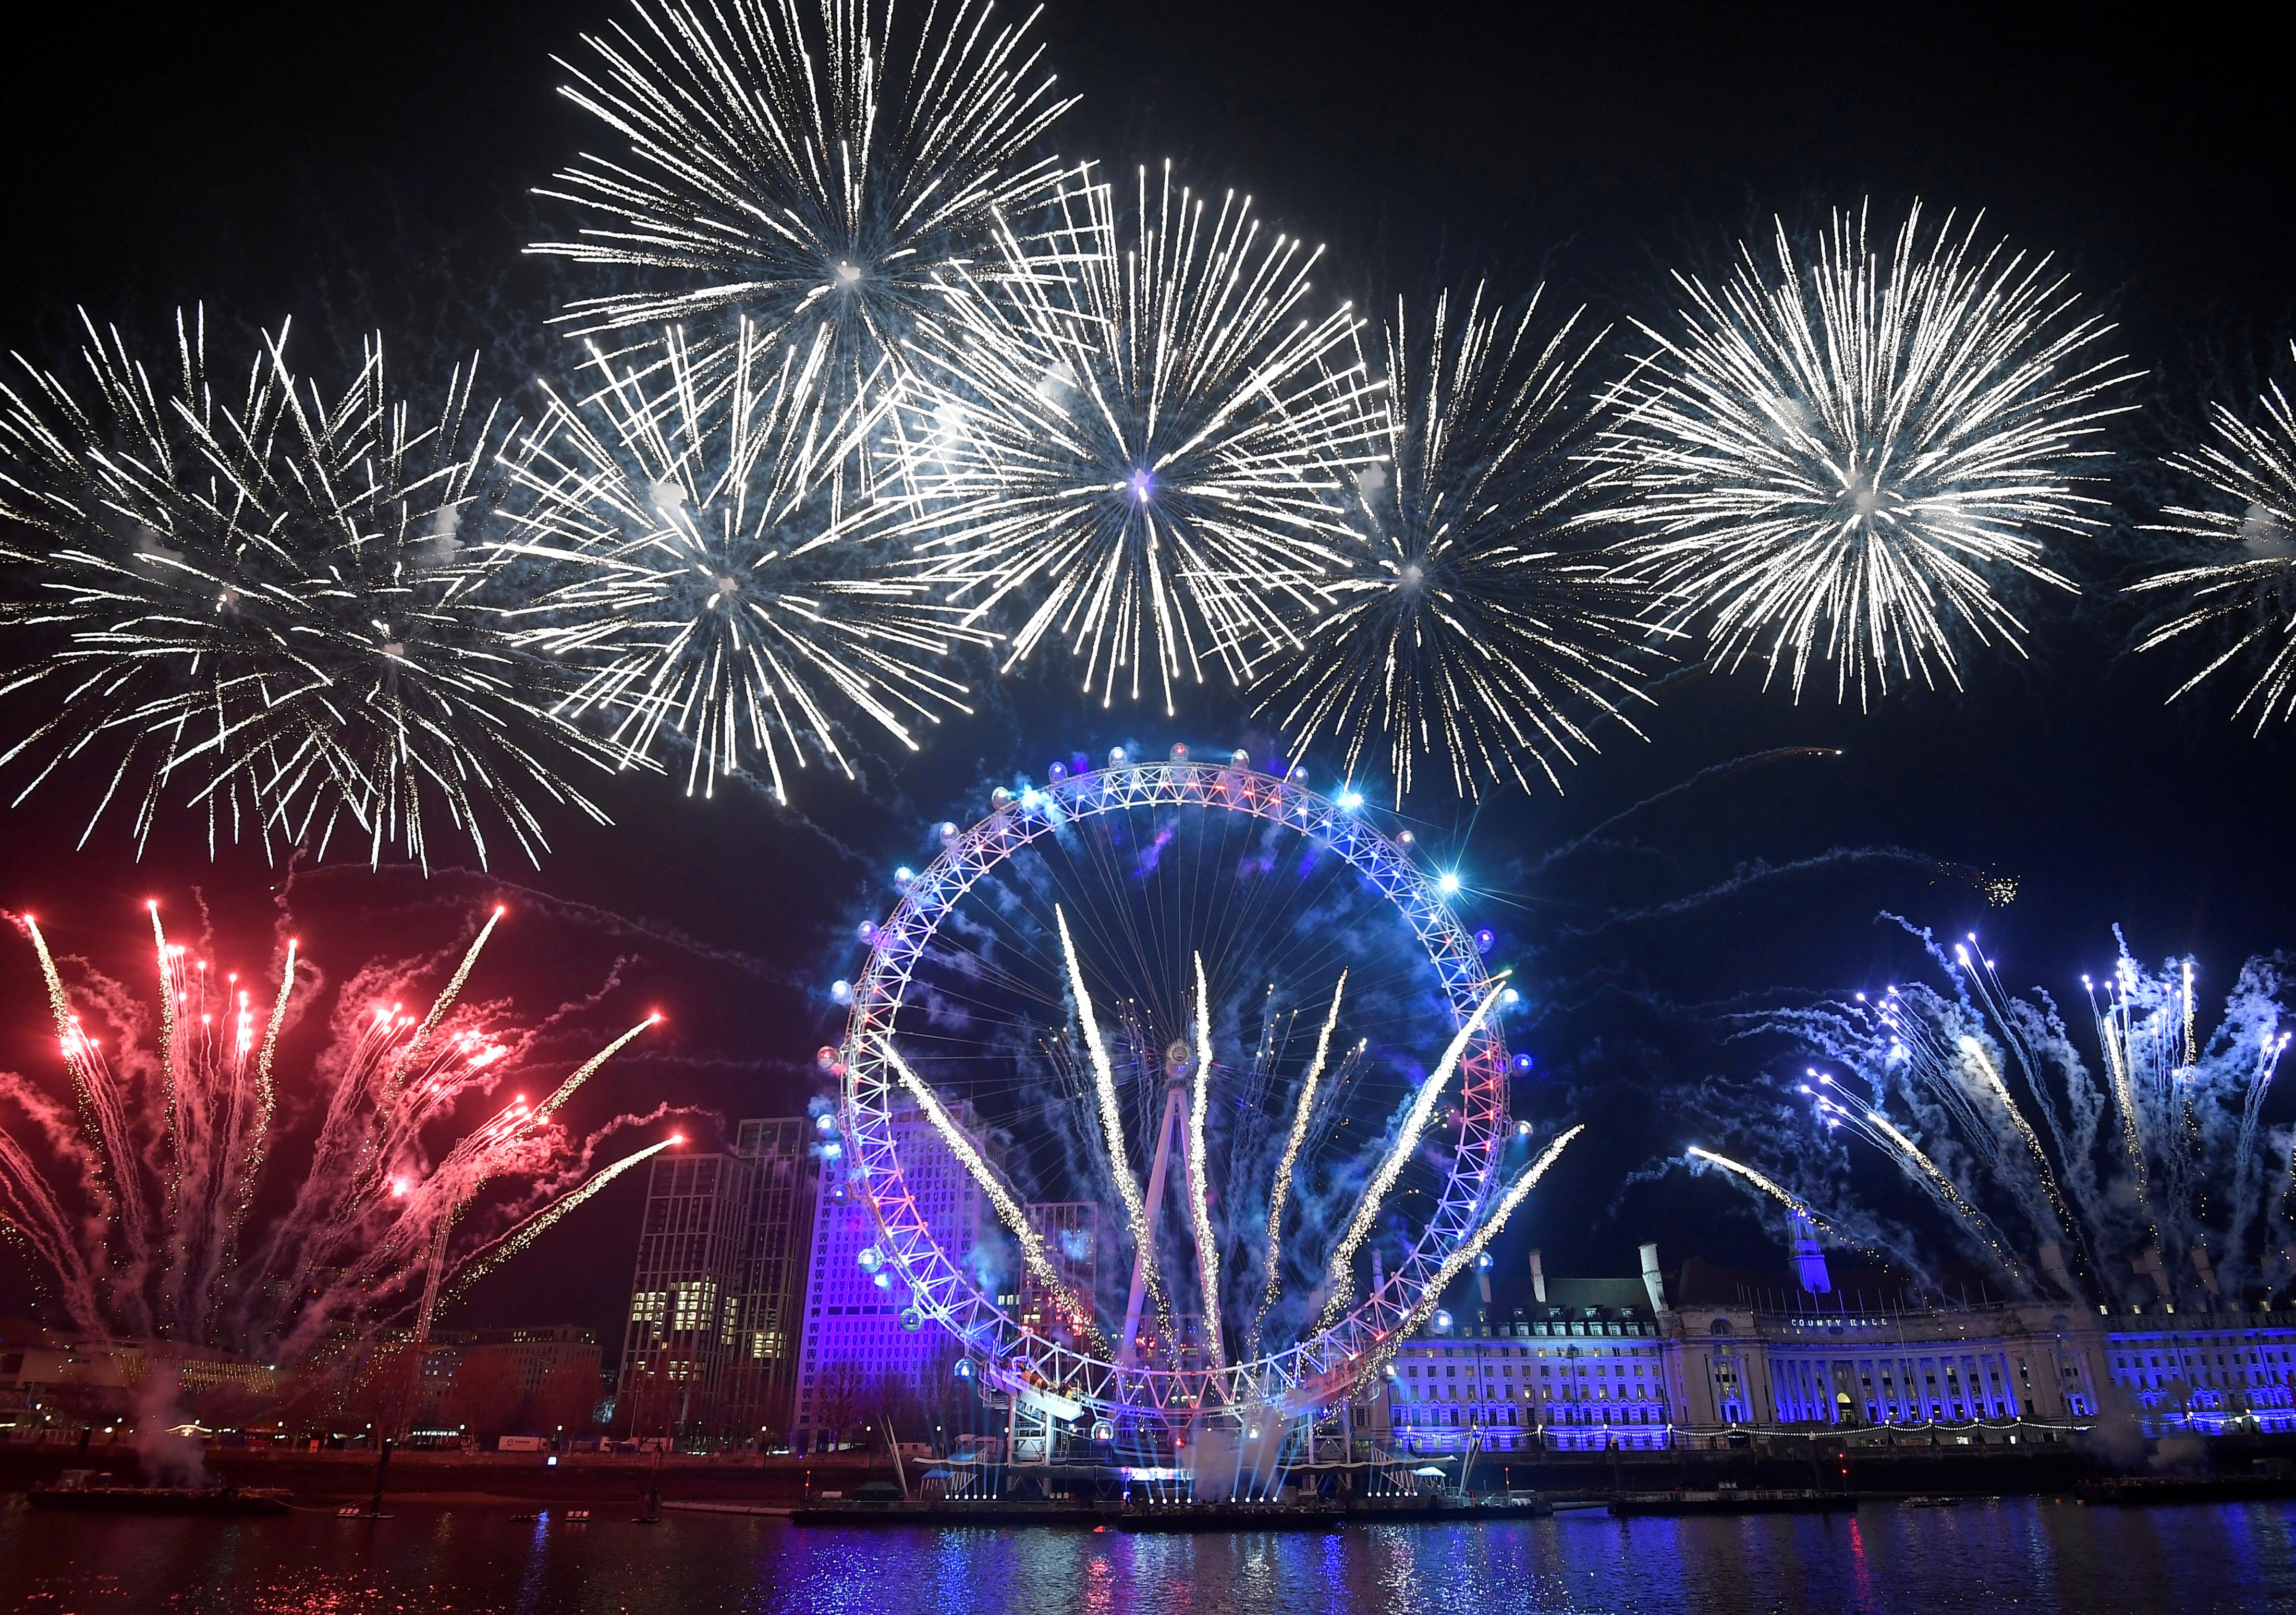 Κορονοϊός – Λονδίνο: Ματαιώνεται για δεύτερη χρονιά η γιορτή των πυροτεχνημάτων για το Νέο Έτος